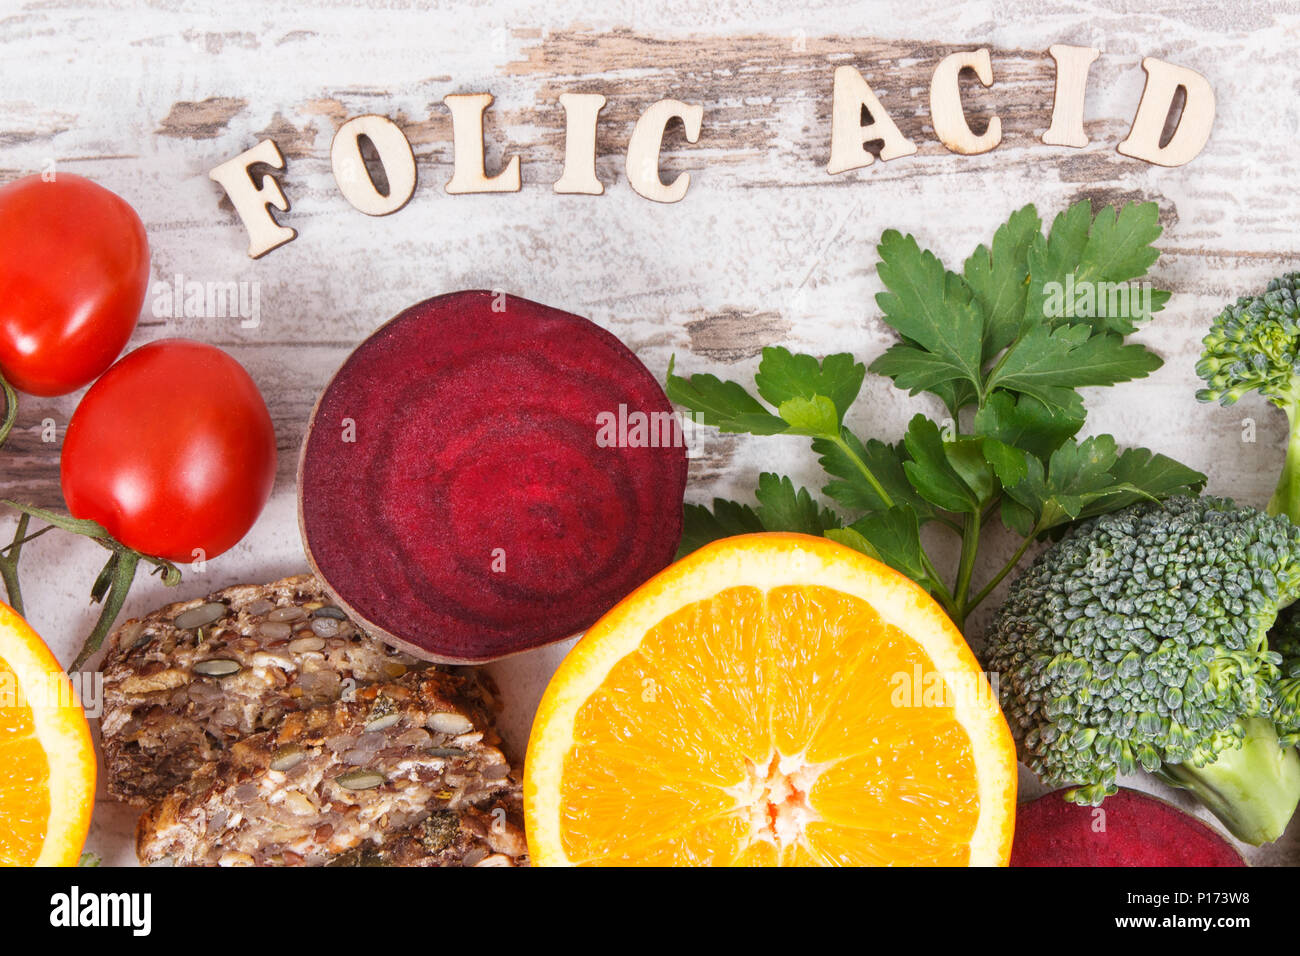 L'inscription de l'acide folique des aliments nutritifs produits contenant de la vitamine B9, les sources naturelles de minéraux et d'acide folique, la nutrition saine notion Photo Stock